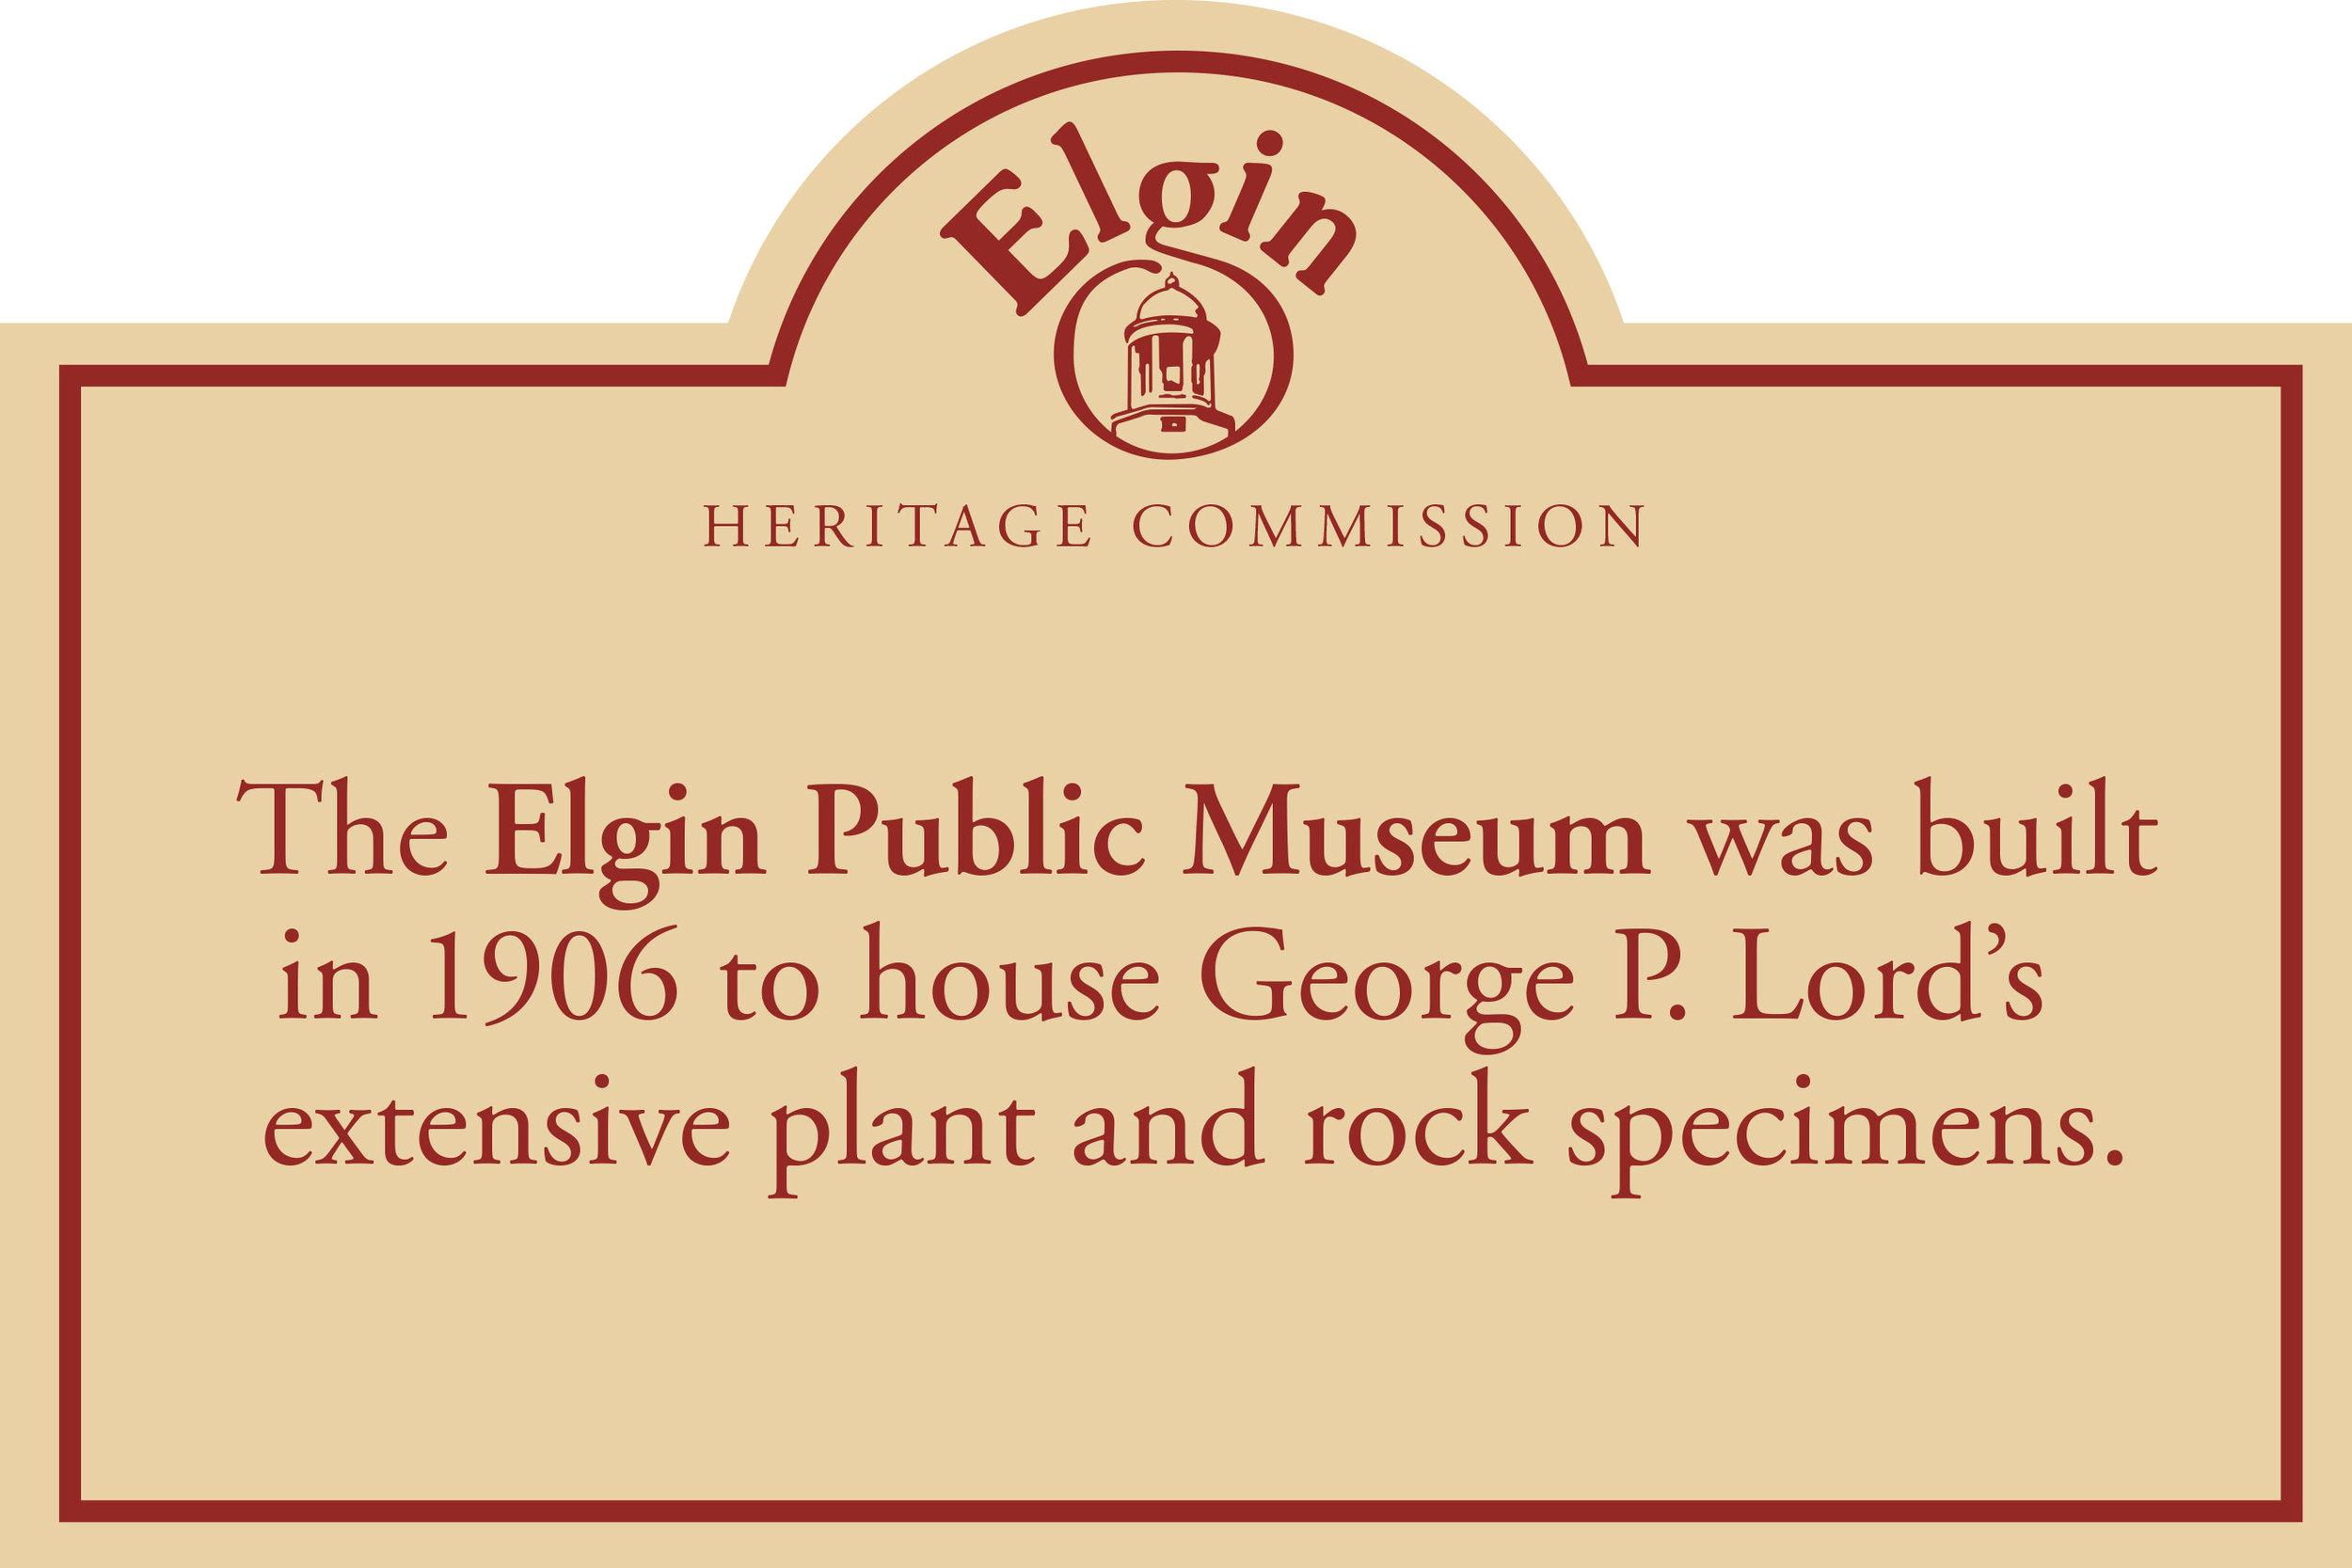 Elgin-Public-Museum-plaque.jpg